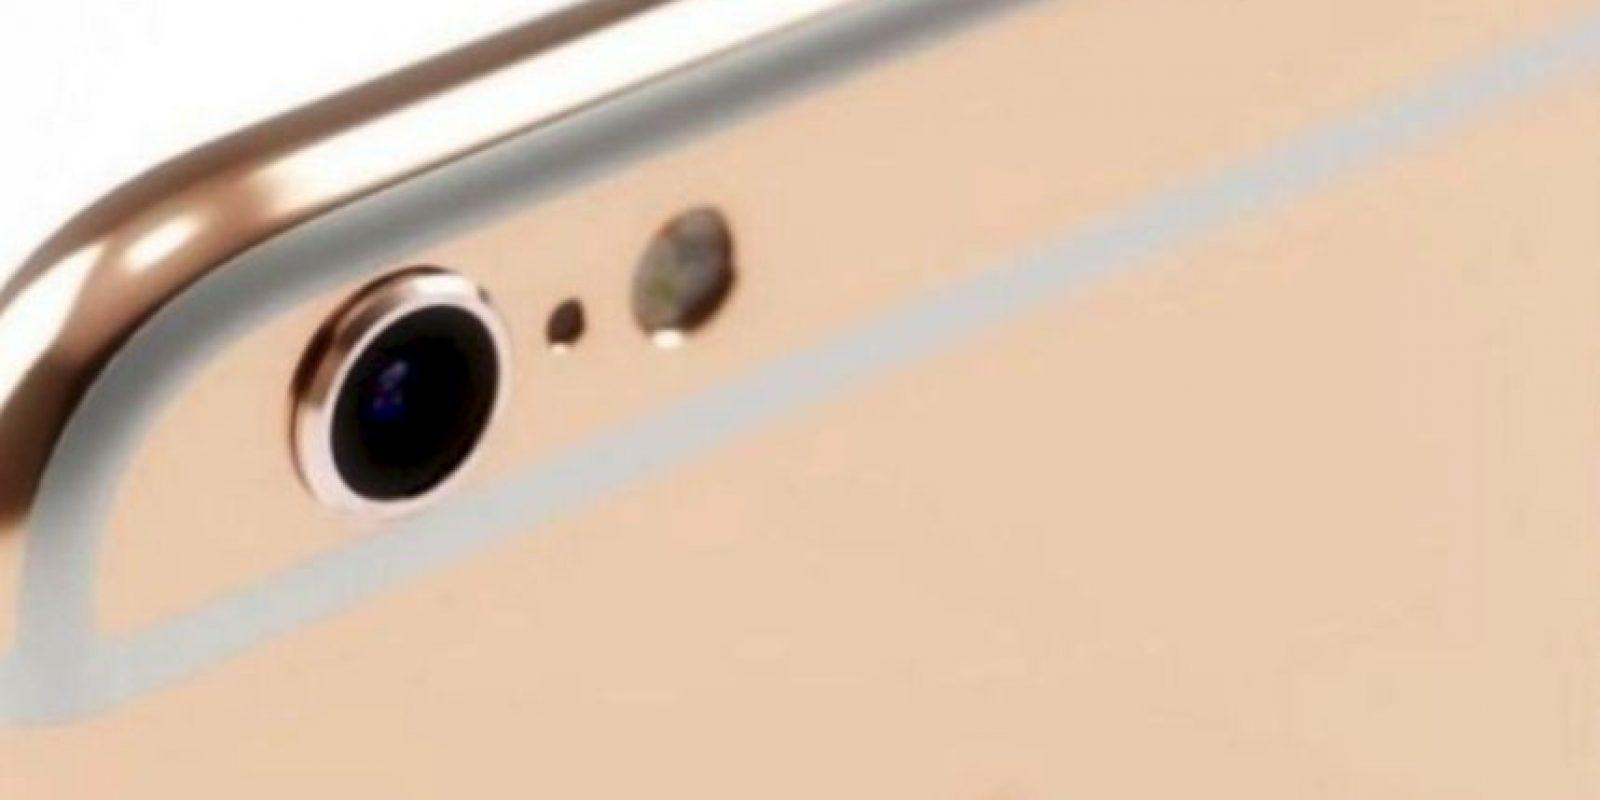 La parte trasera del nuevo dispositivo Foto:Tumblr